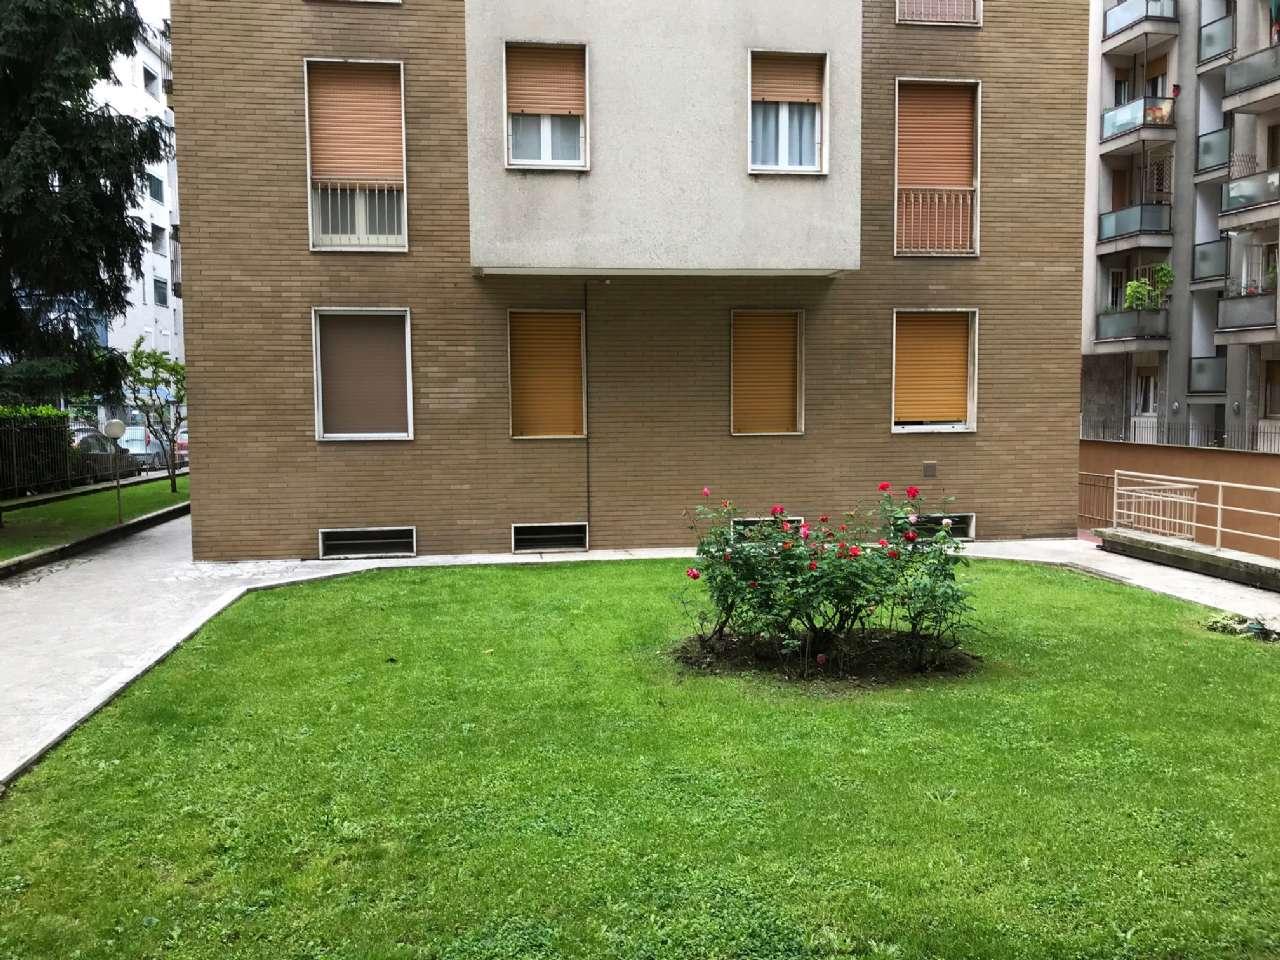 Appartamento in vendita a Bresso, 2 locali, prezzo € 110.000 | CambioCasa.it